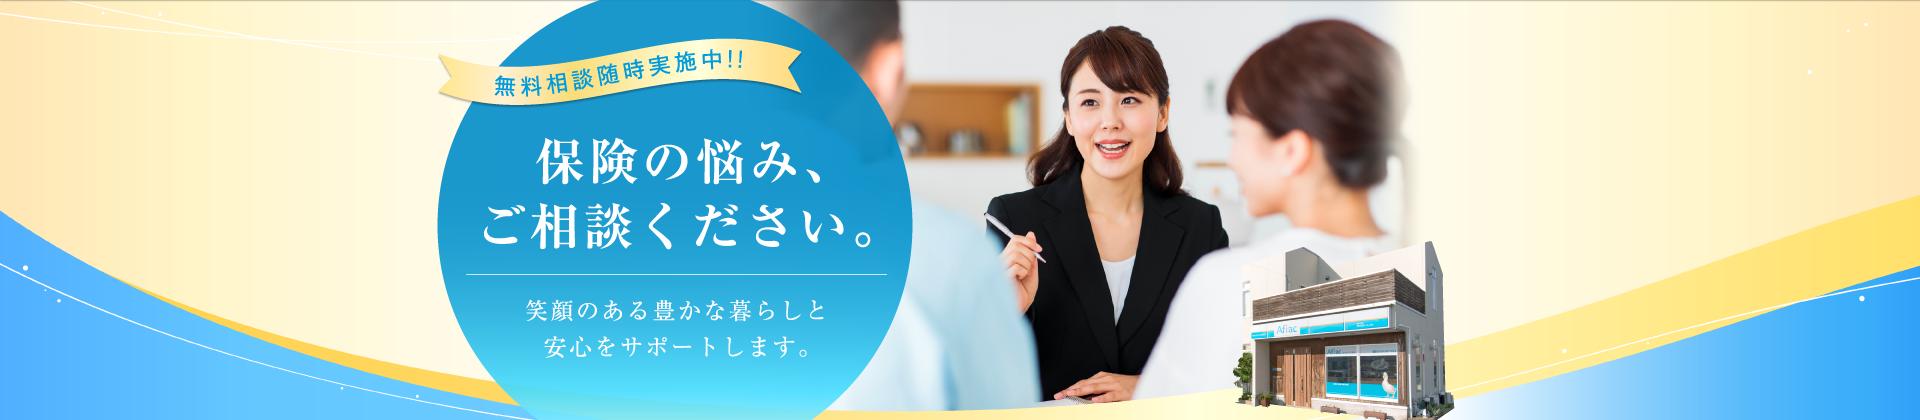 アフラックサービスショップ松阪店・エーライフ